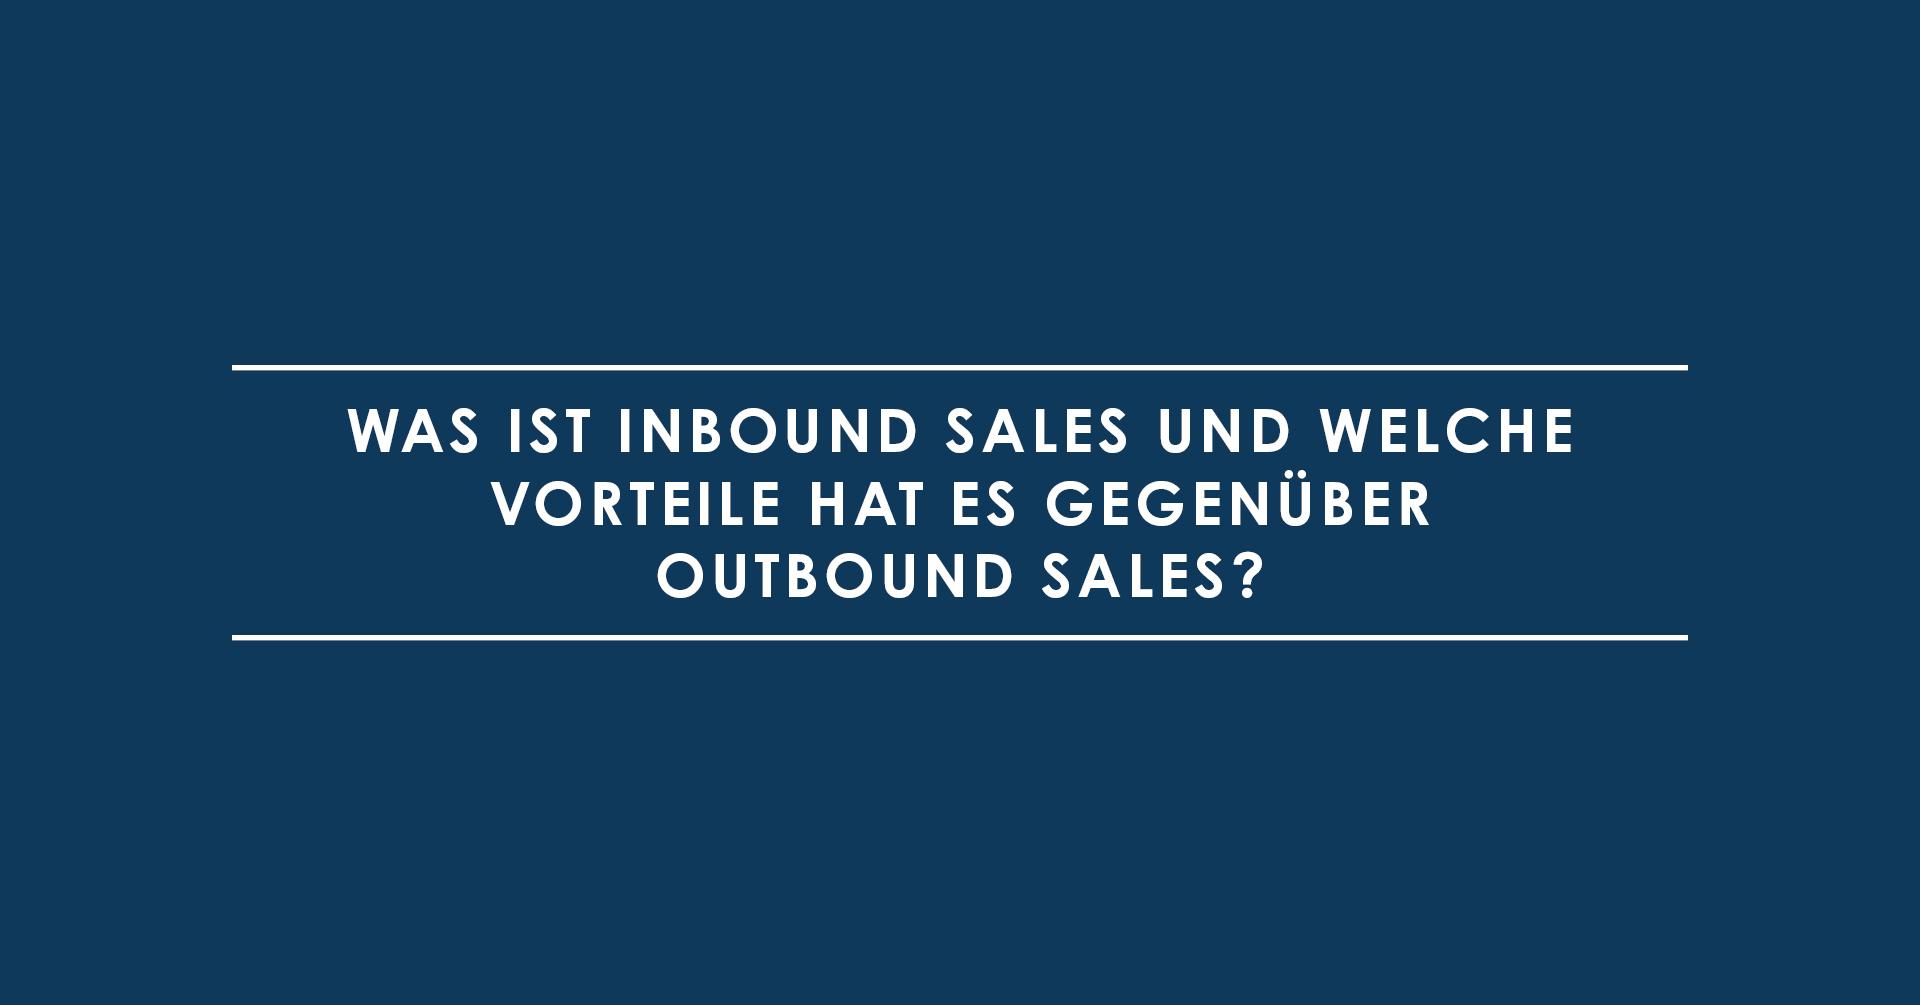 https://www.trialta.de/de-de/inbound-marketing